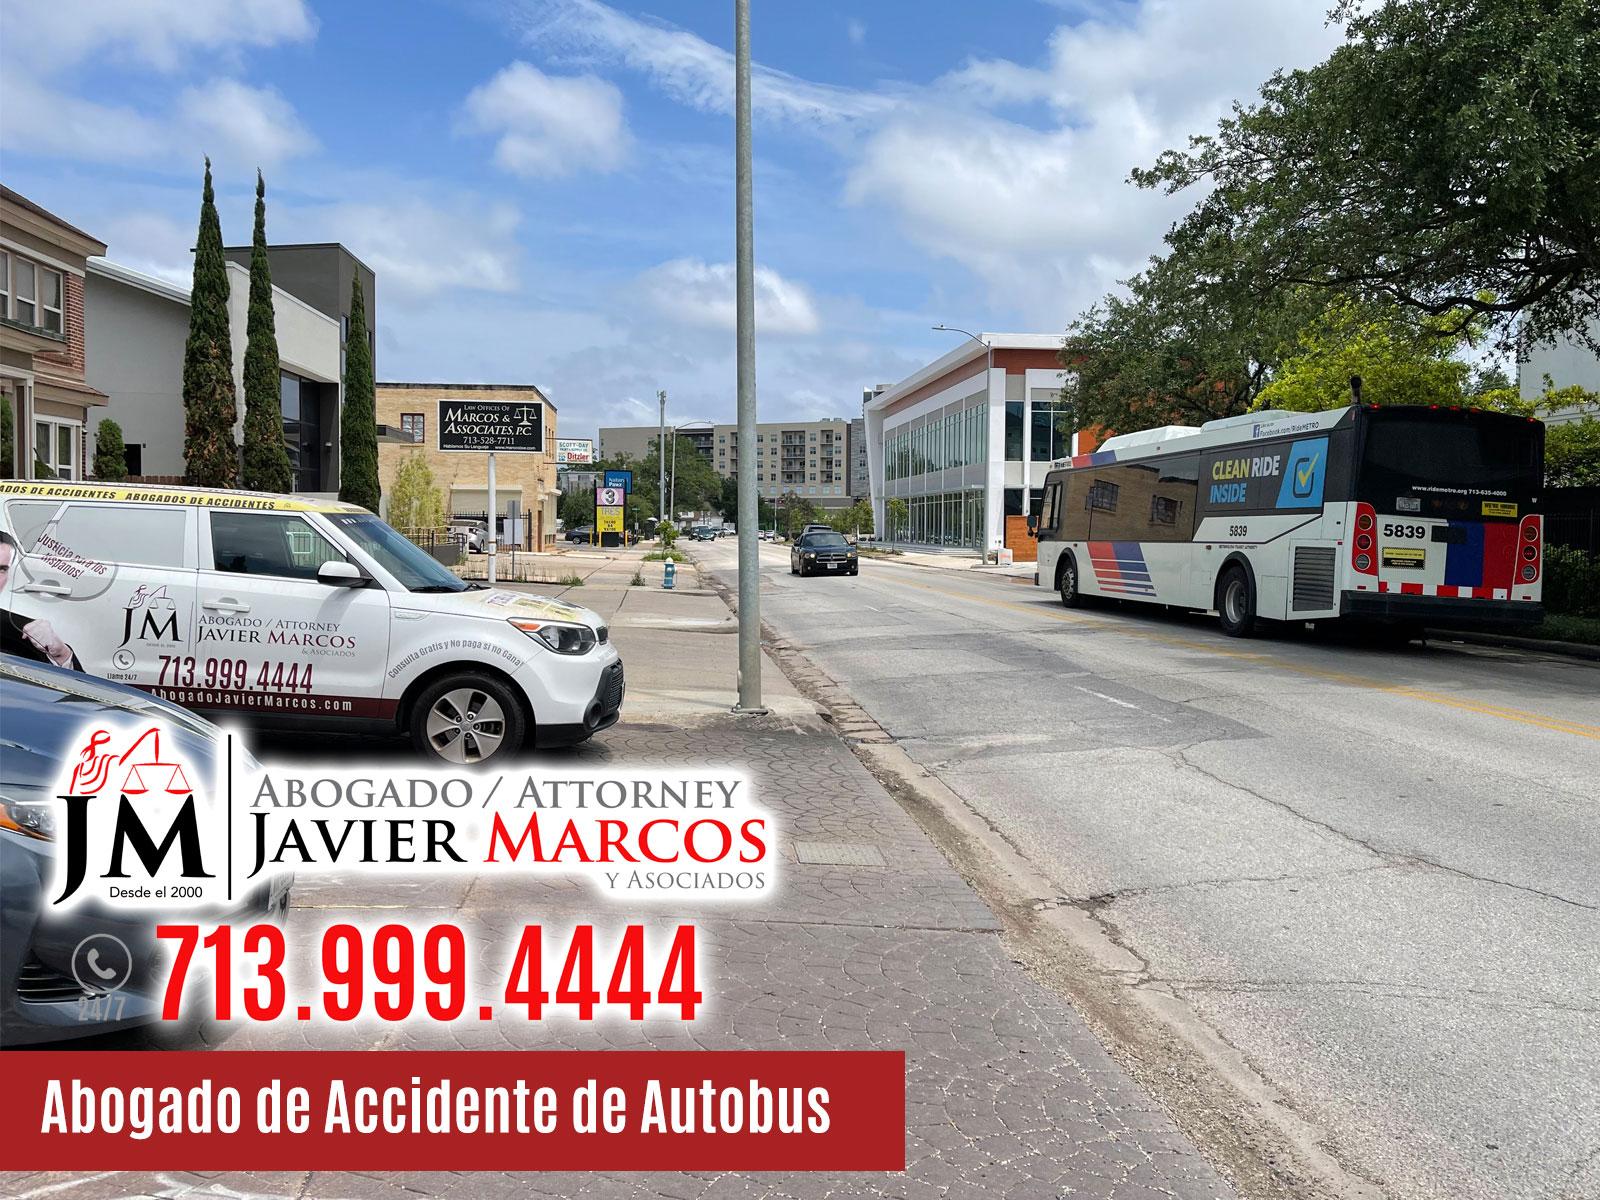 Abogado de Accidente de Autobus | Abogado Javier Marcos | 713.999.4444